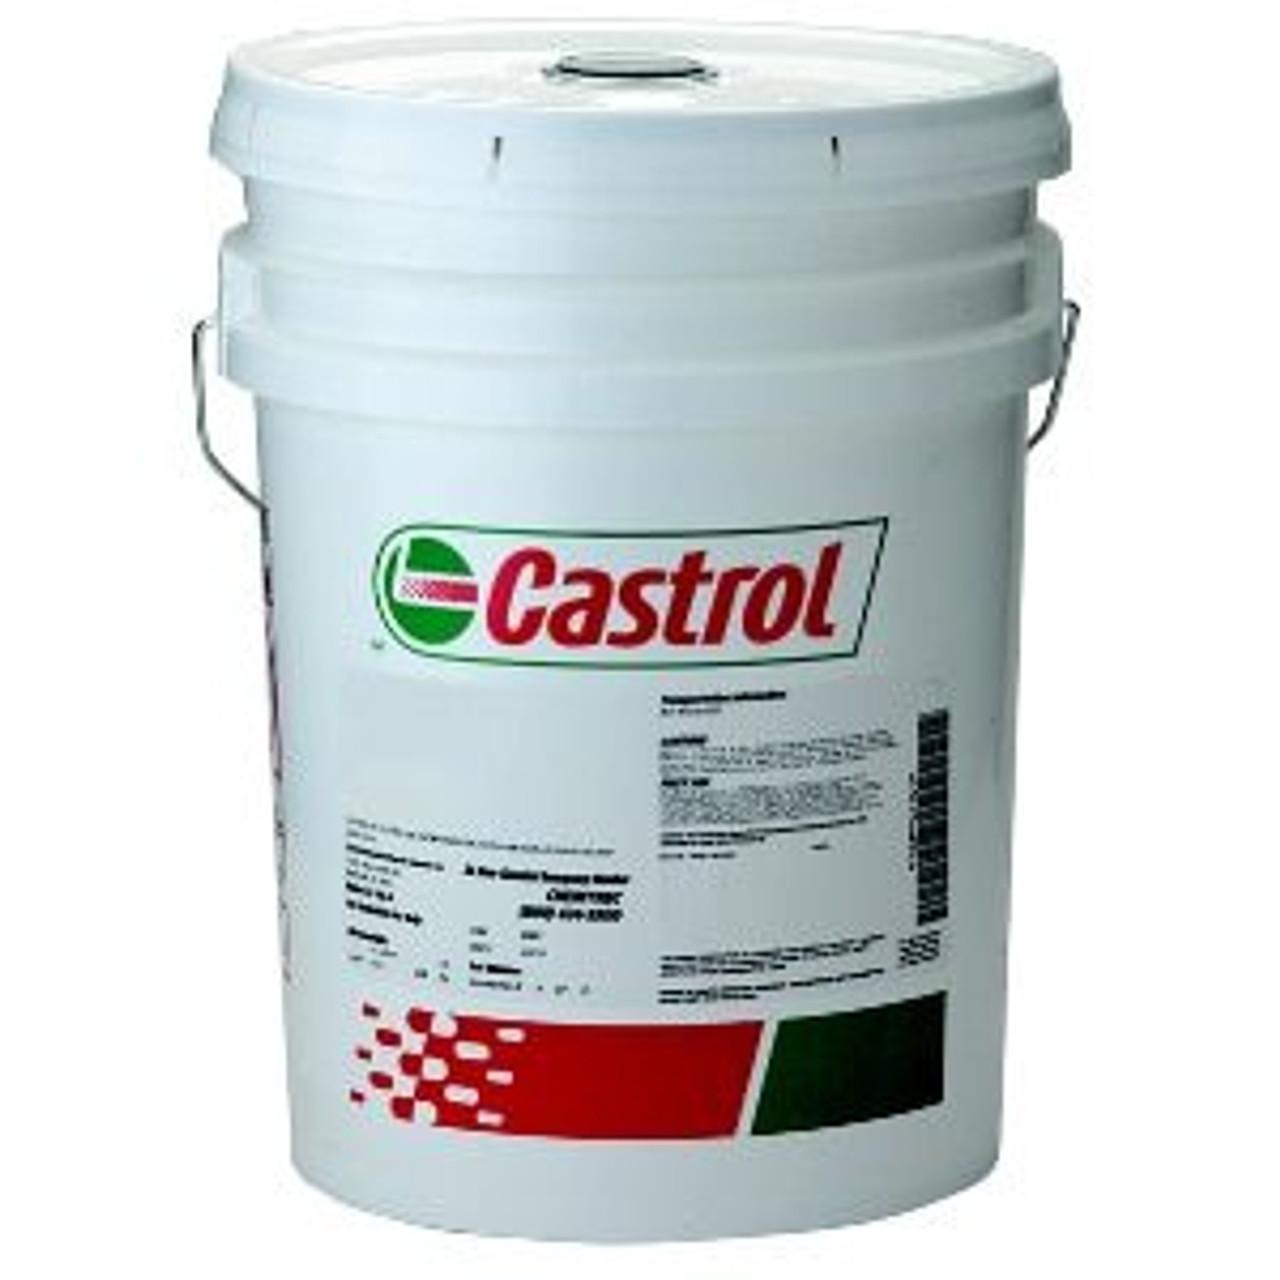 Castrol Hysol MB 10 Semi-Synthetic Cutting Fluid - 5 gal Pail